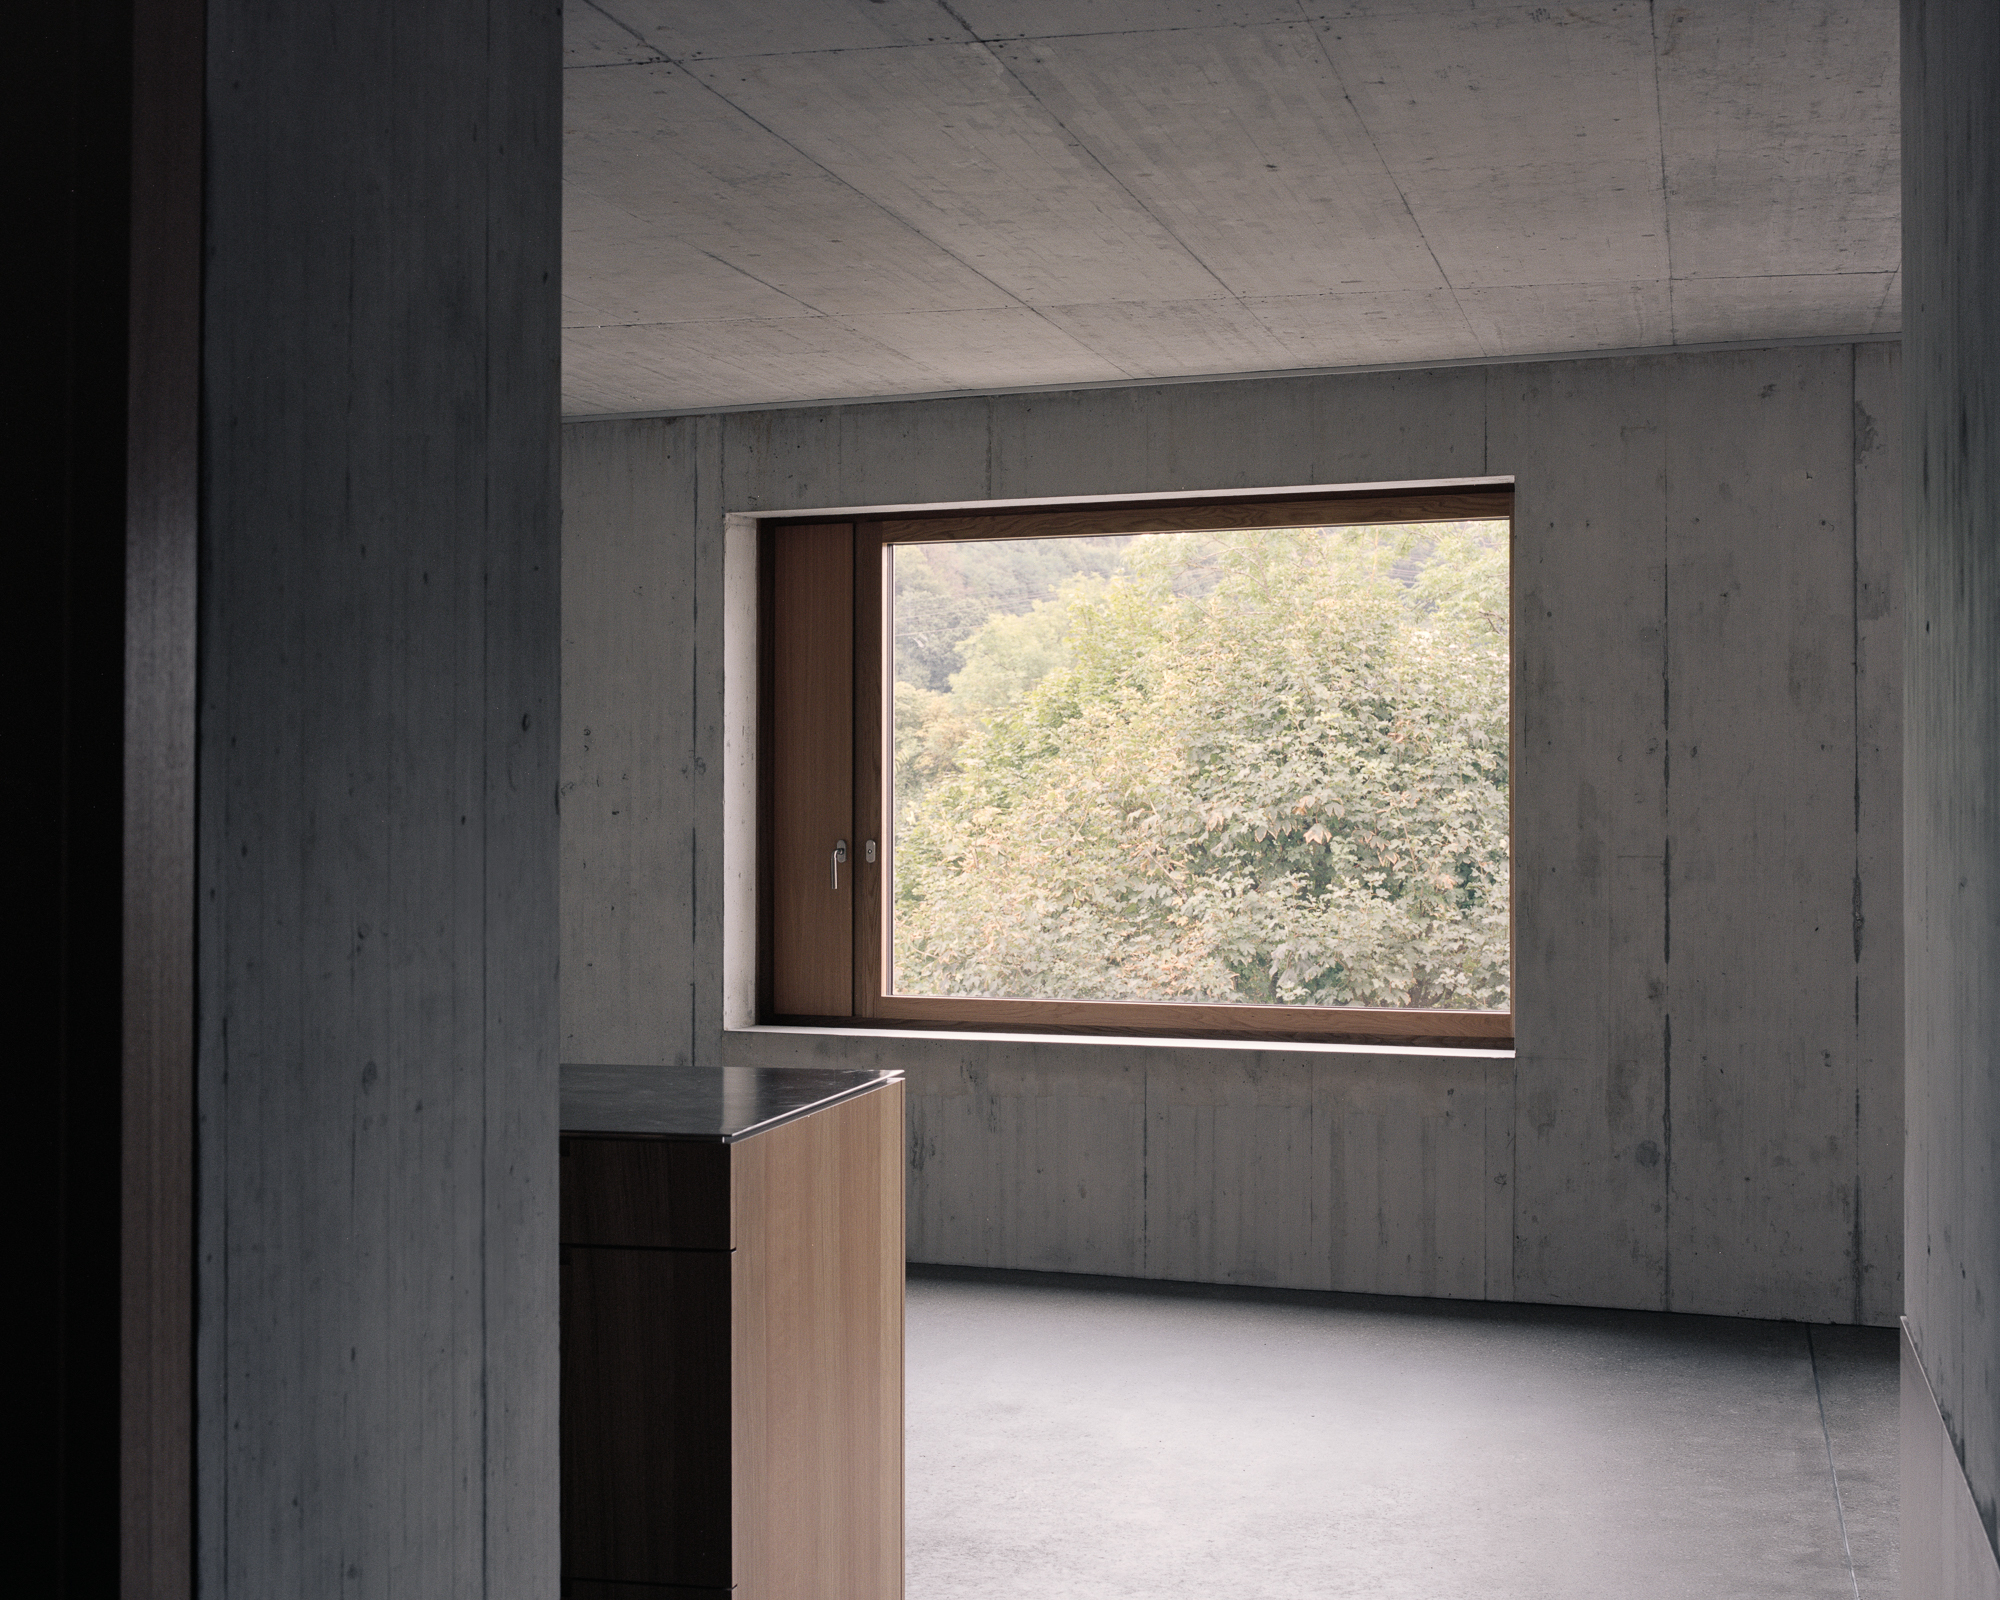 die kuche neu gestalten 47 ideen fur modernen look, residential building amthausquai, Design ideen